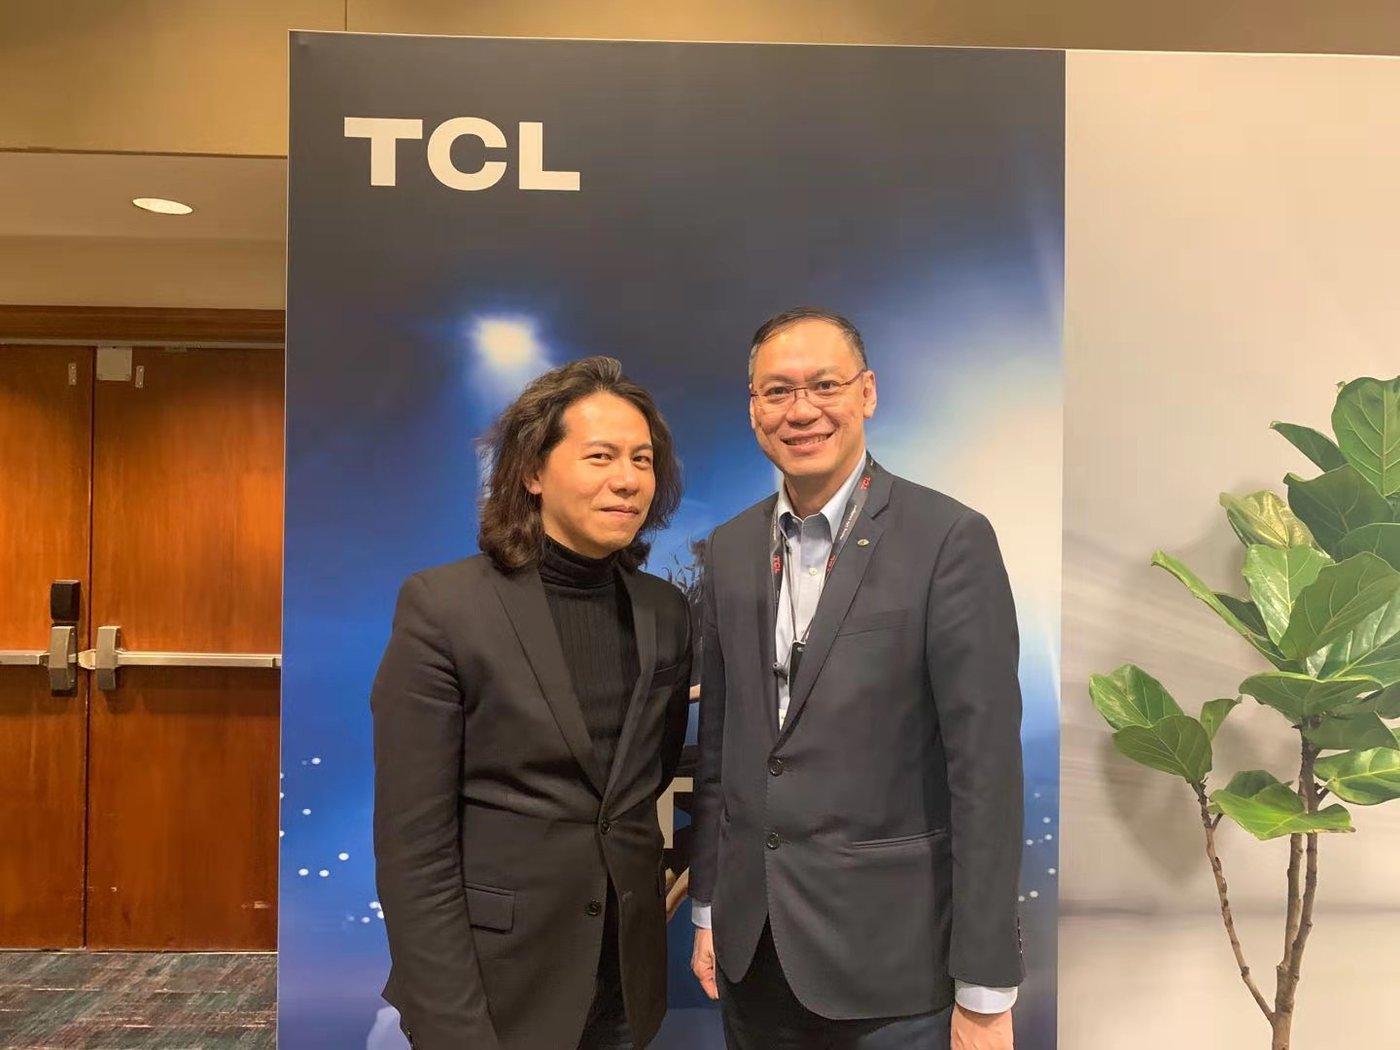 左:TCL通讯全球产品中心总经理 李炫弘,右:全球销售与市场中心总经理 李绍康